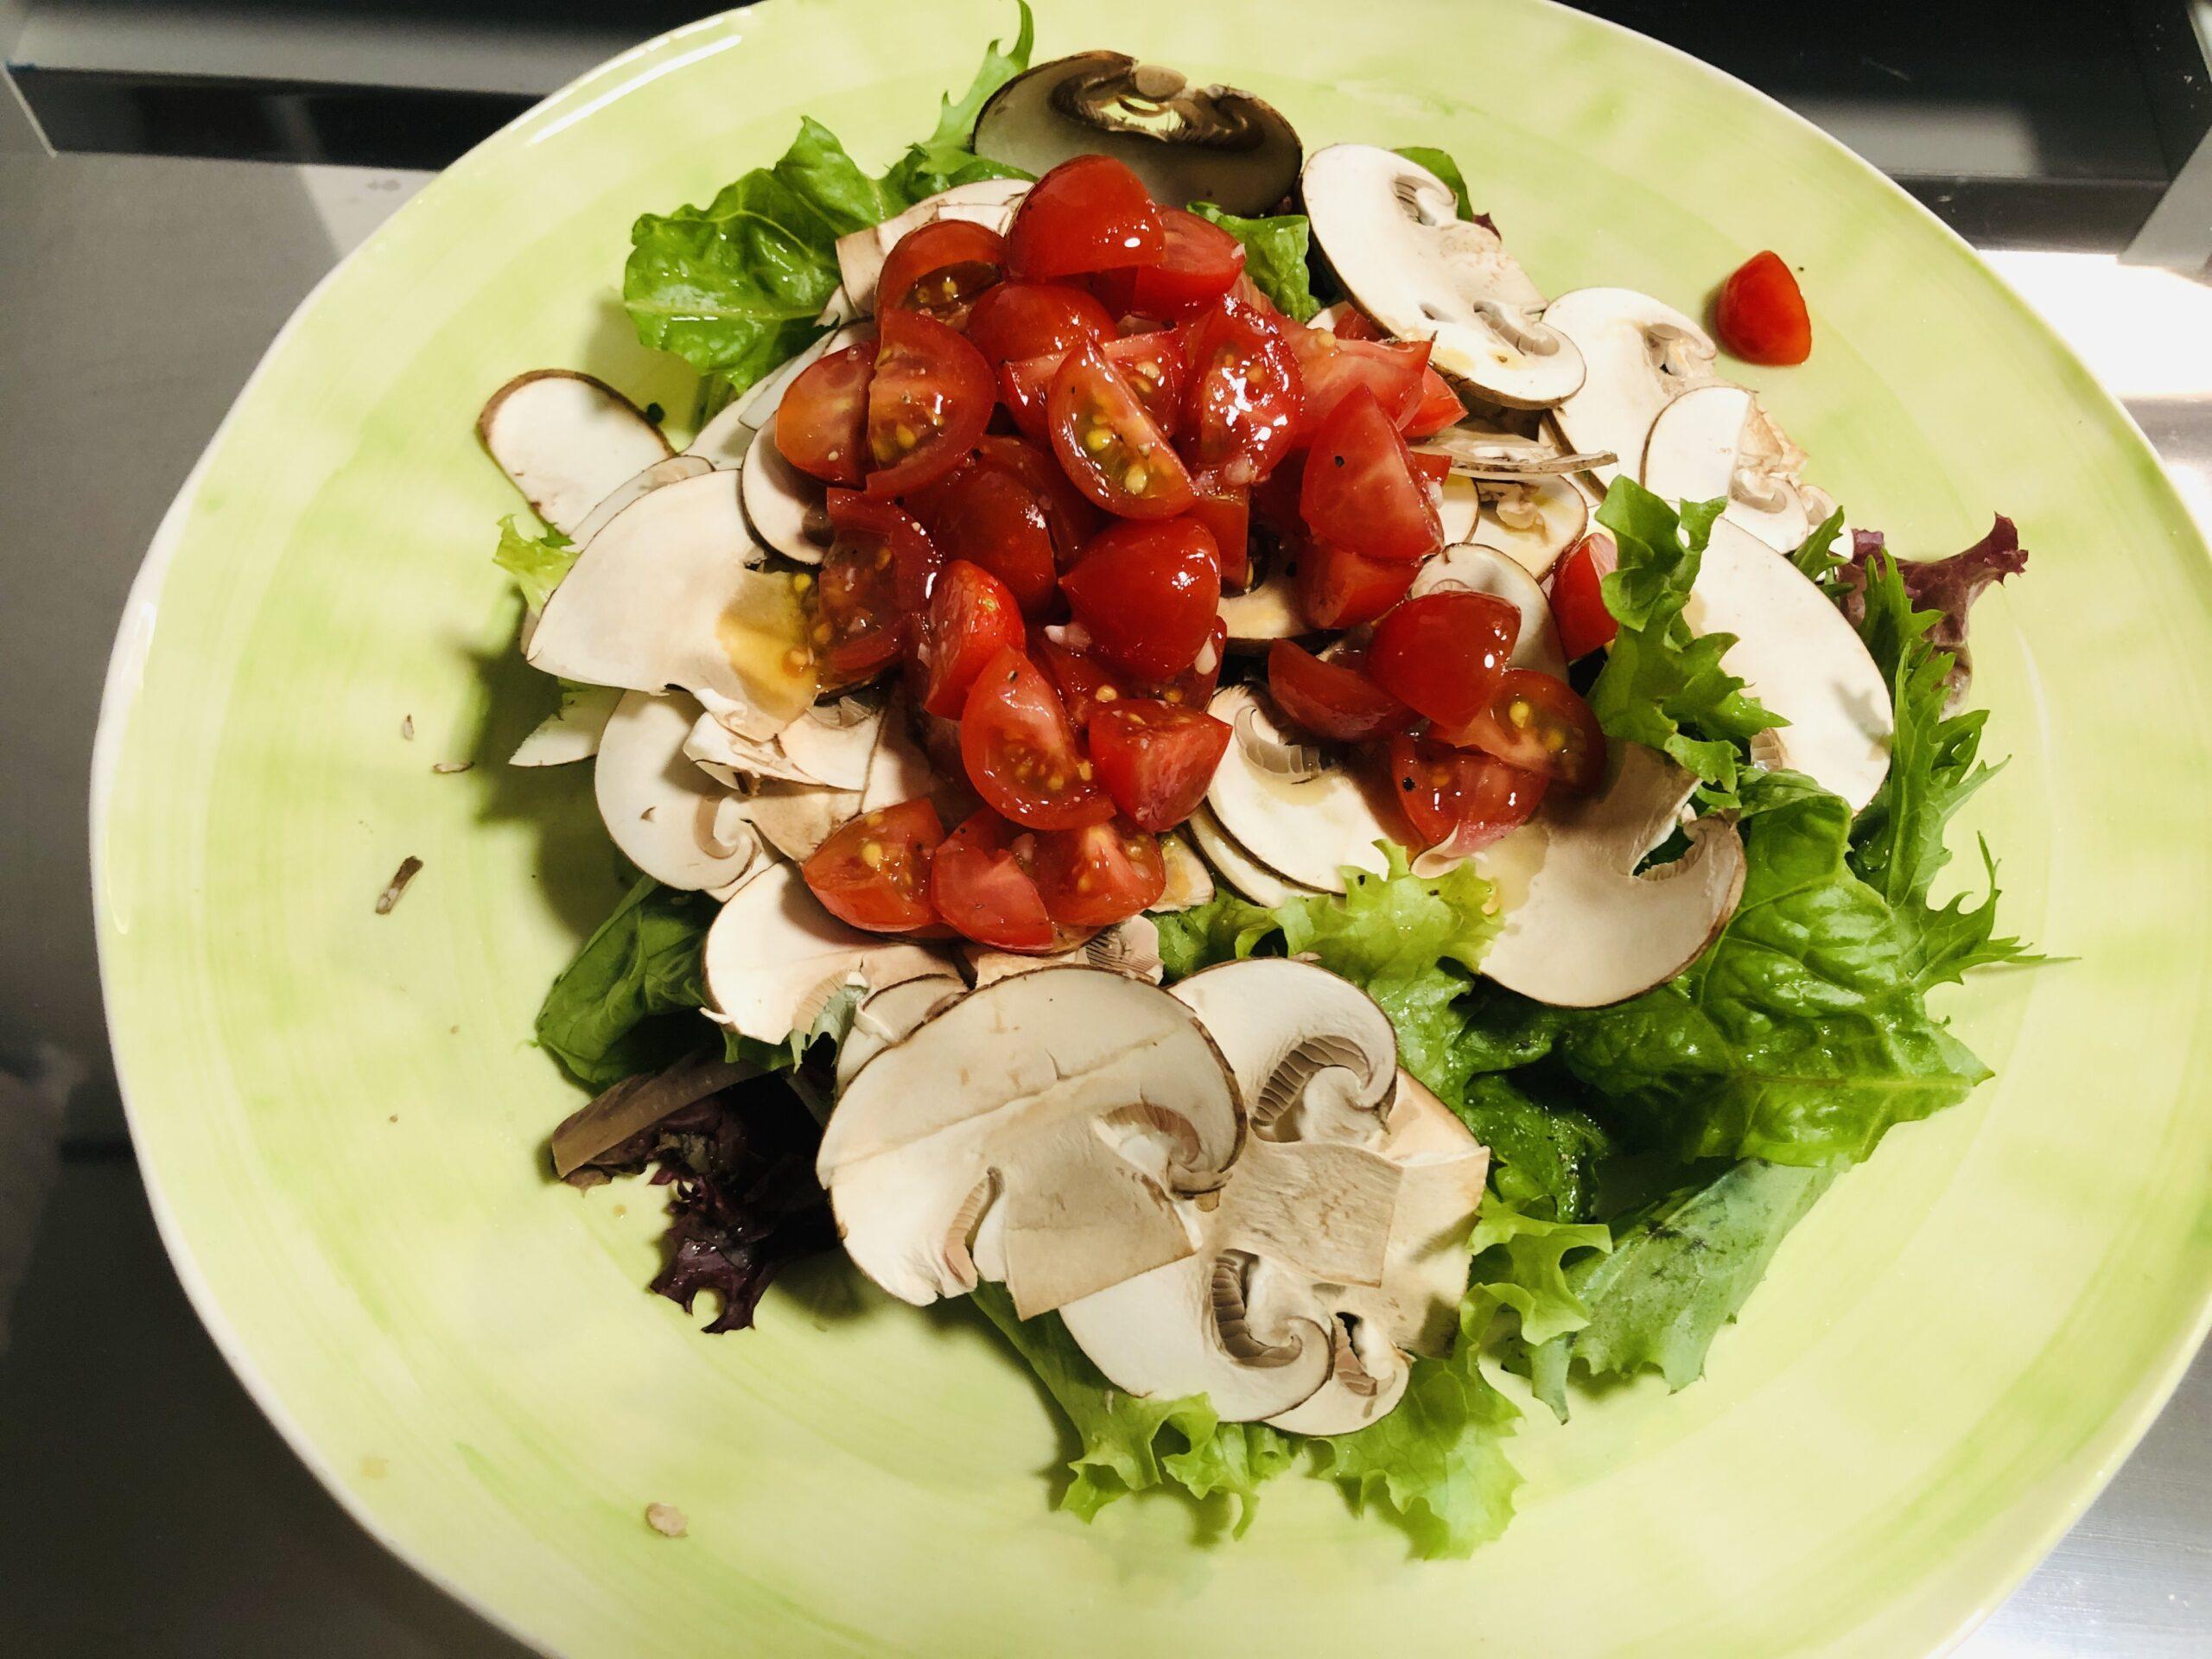 マッシュルームスライスを載せたサラダの上からミニトマトを和えたものを載せた状態の画像です